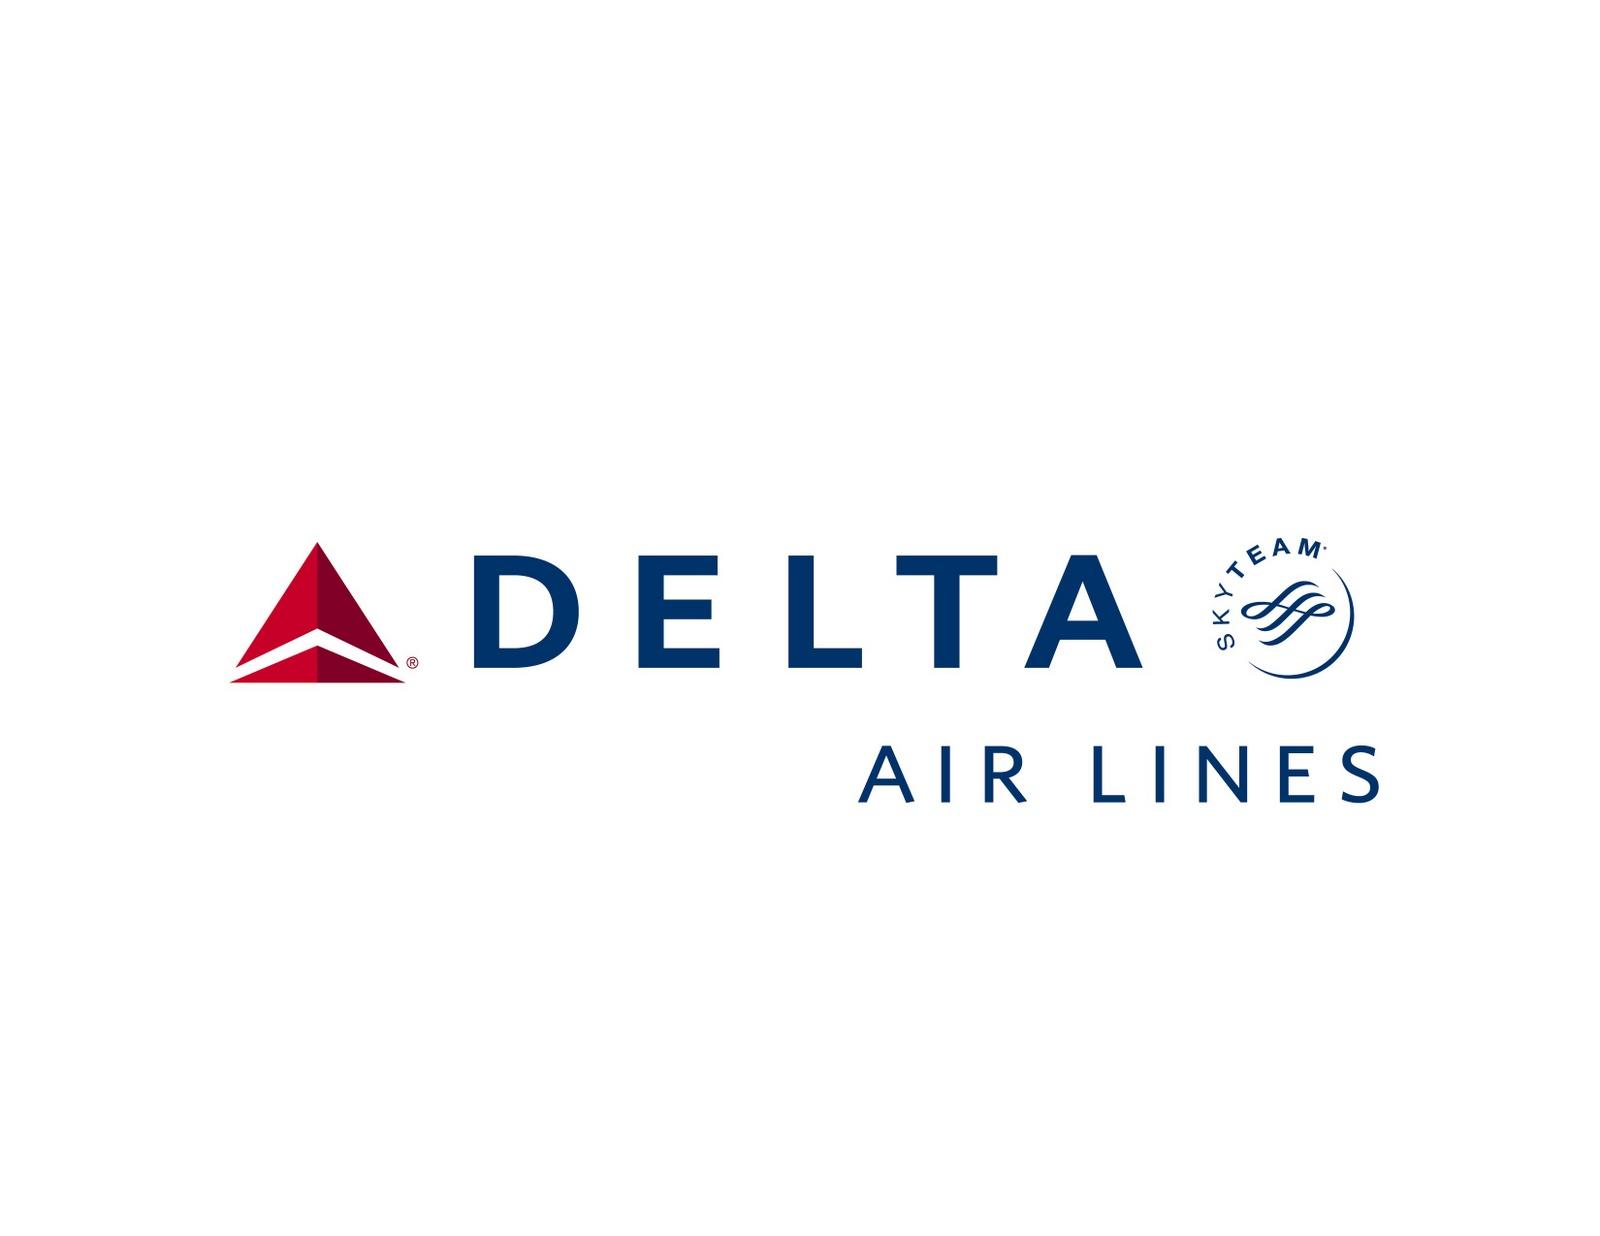 Voici comment faire une réservation de groupe avec la compagnie delta airlines